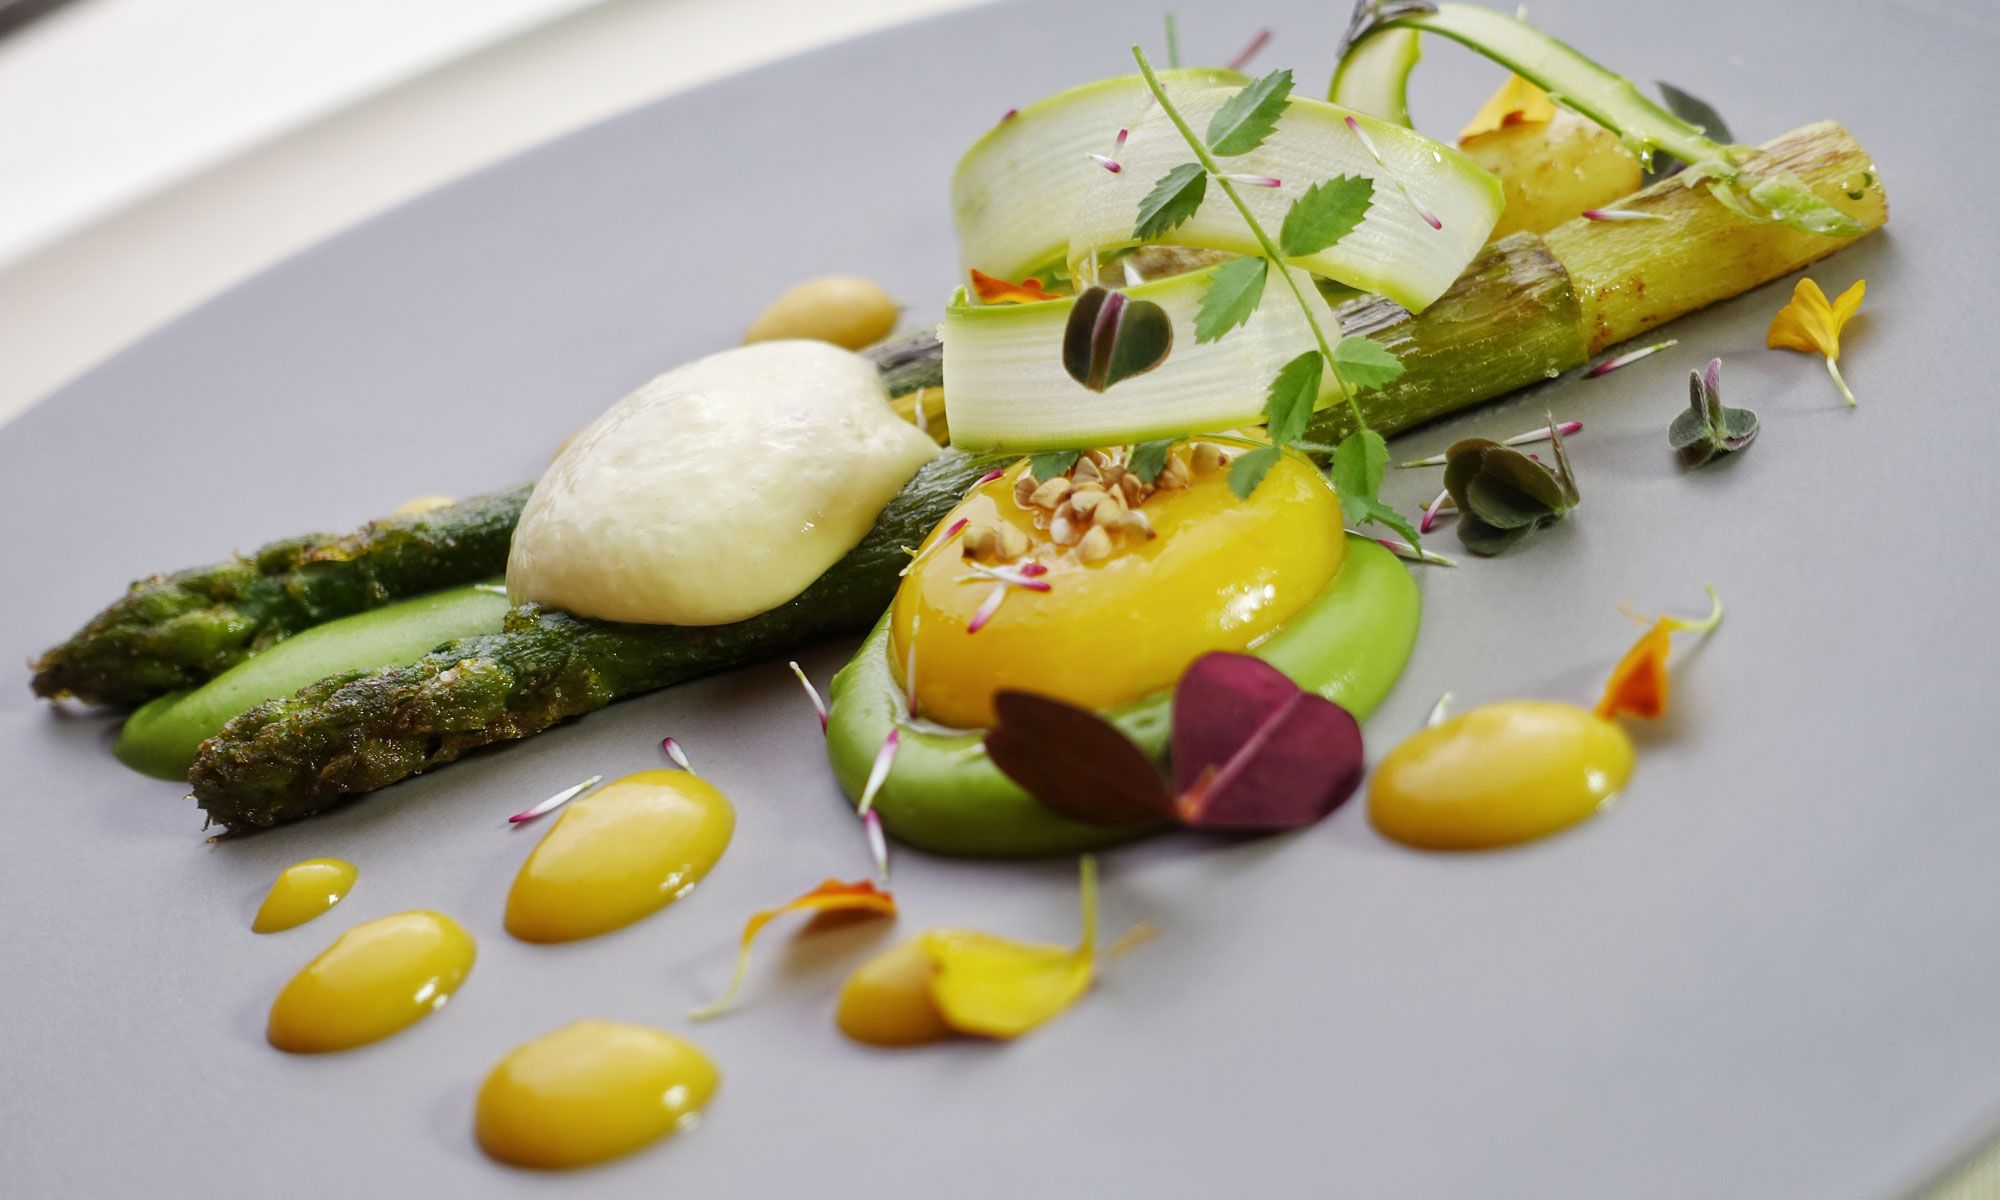 Petrus Celebrates The Unique Flavours Of Provence-Alpes-Côte d'Azur